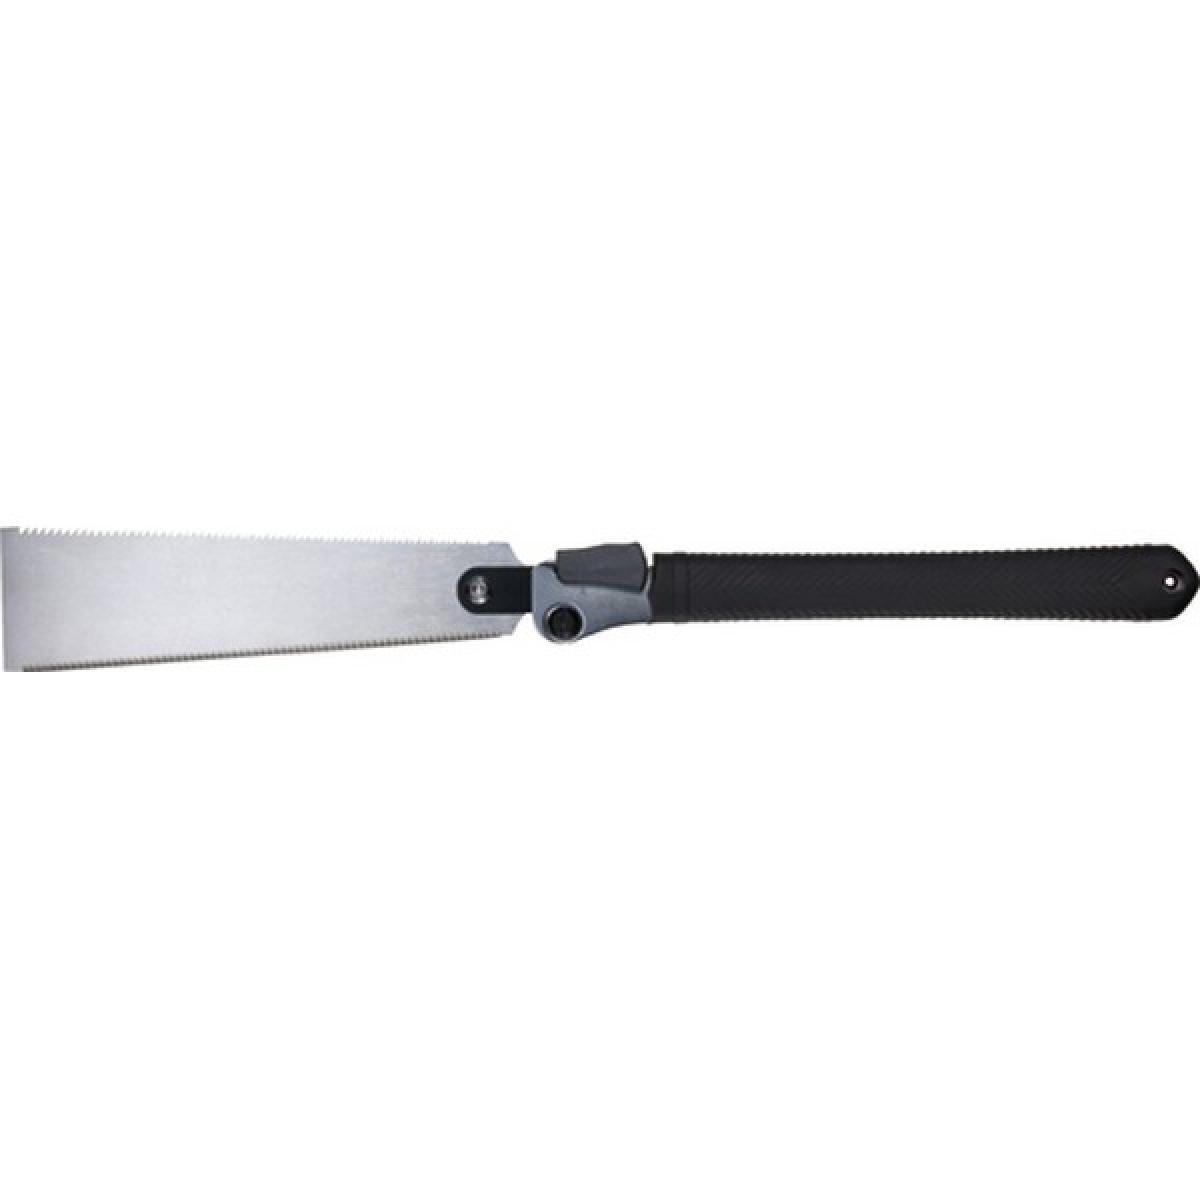 Magma Scie japonaise Ryoba, poignée plastique, lame de scie rabattable, longueur de lame 240 mm, Épaisseur de lame 0,5 mm